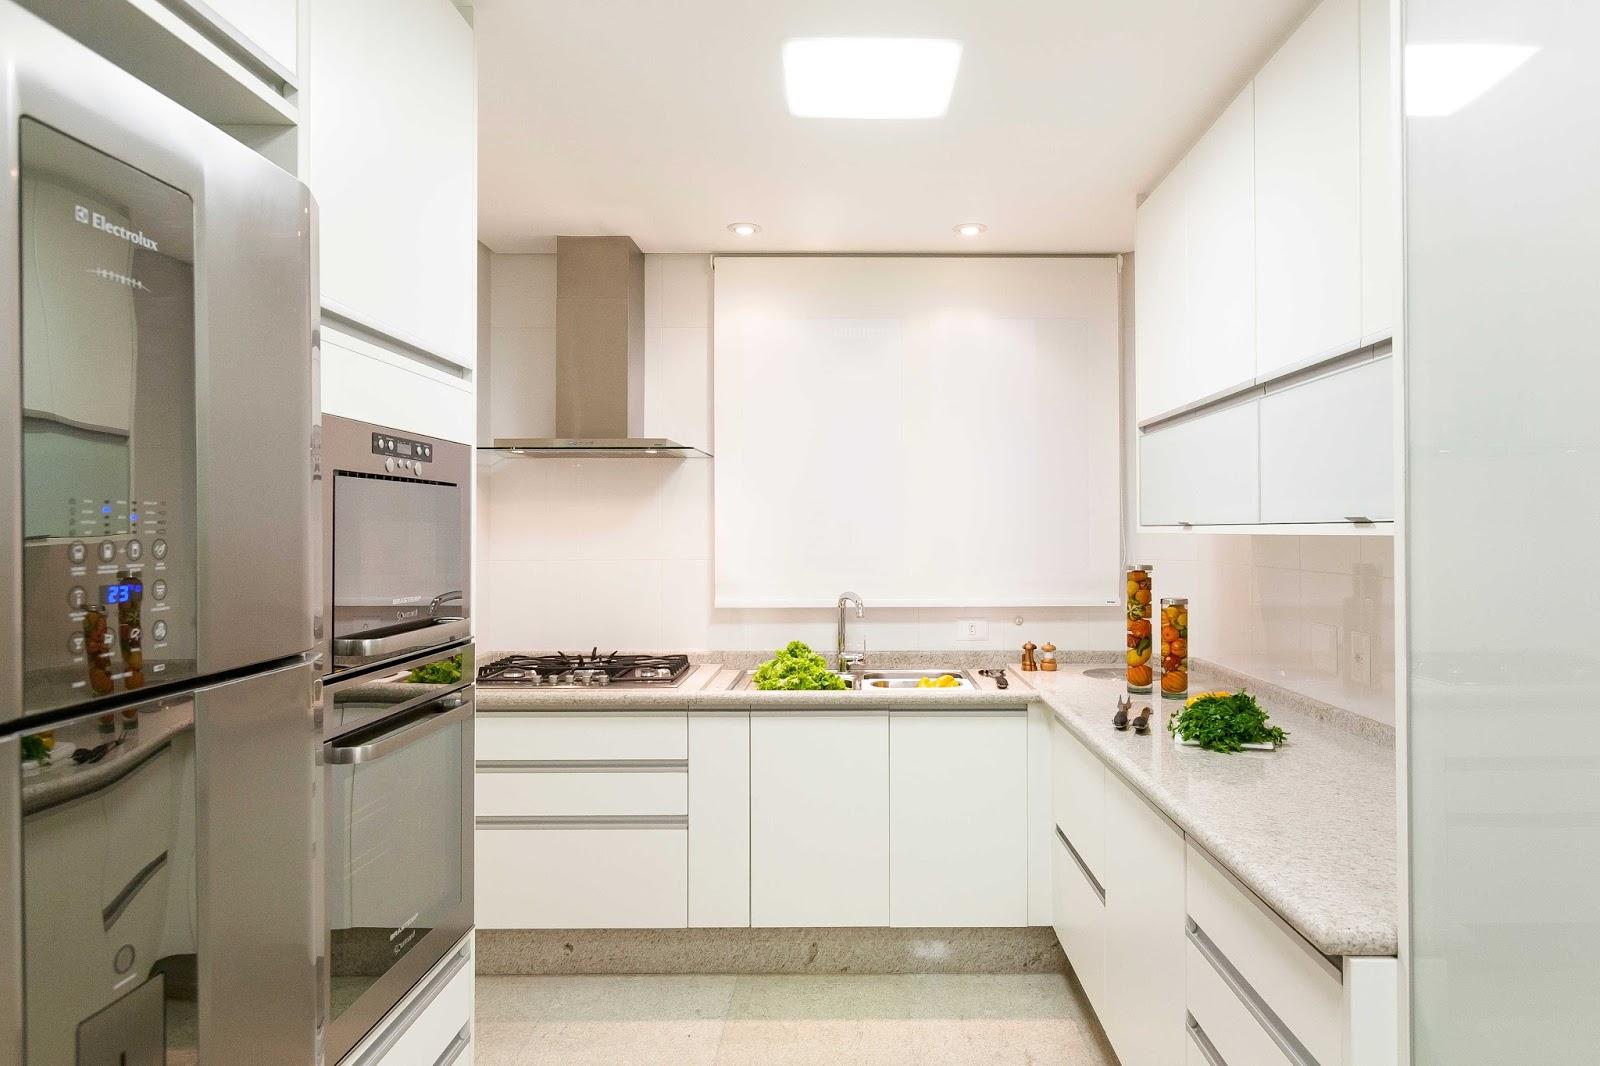 #AD6E1E Cozinha com bancadas da cuba e de preparo de granito branco itaúnas 1600x1066 px Bancada De Granito Para Cozinha Americana Preço_2423 Imagens